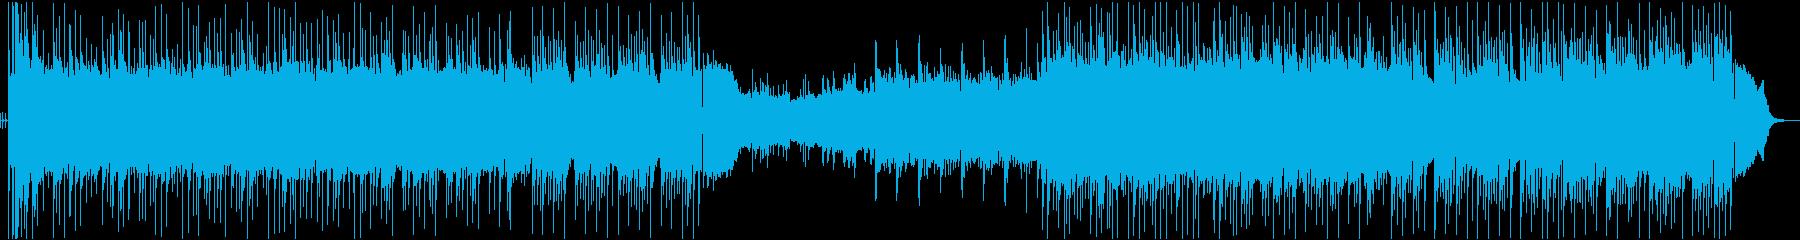 三味線がメロディを奏でる美しい和ロックの再生済みの波形